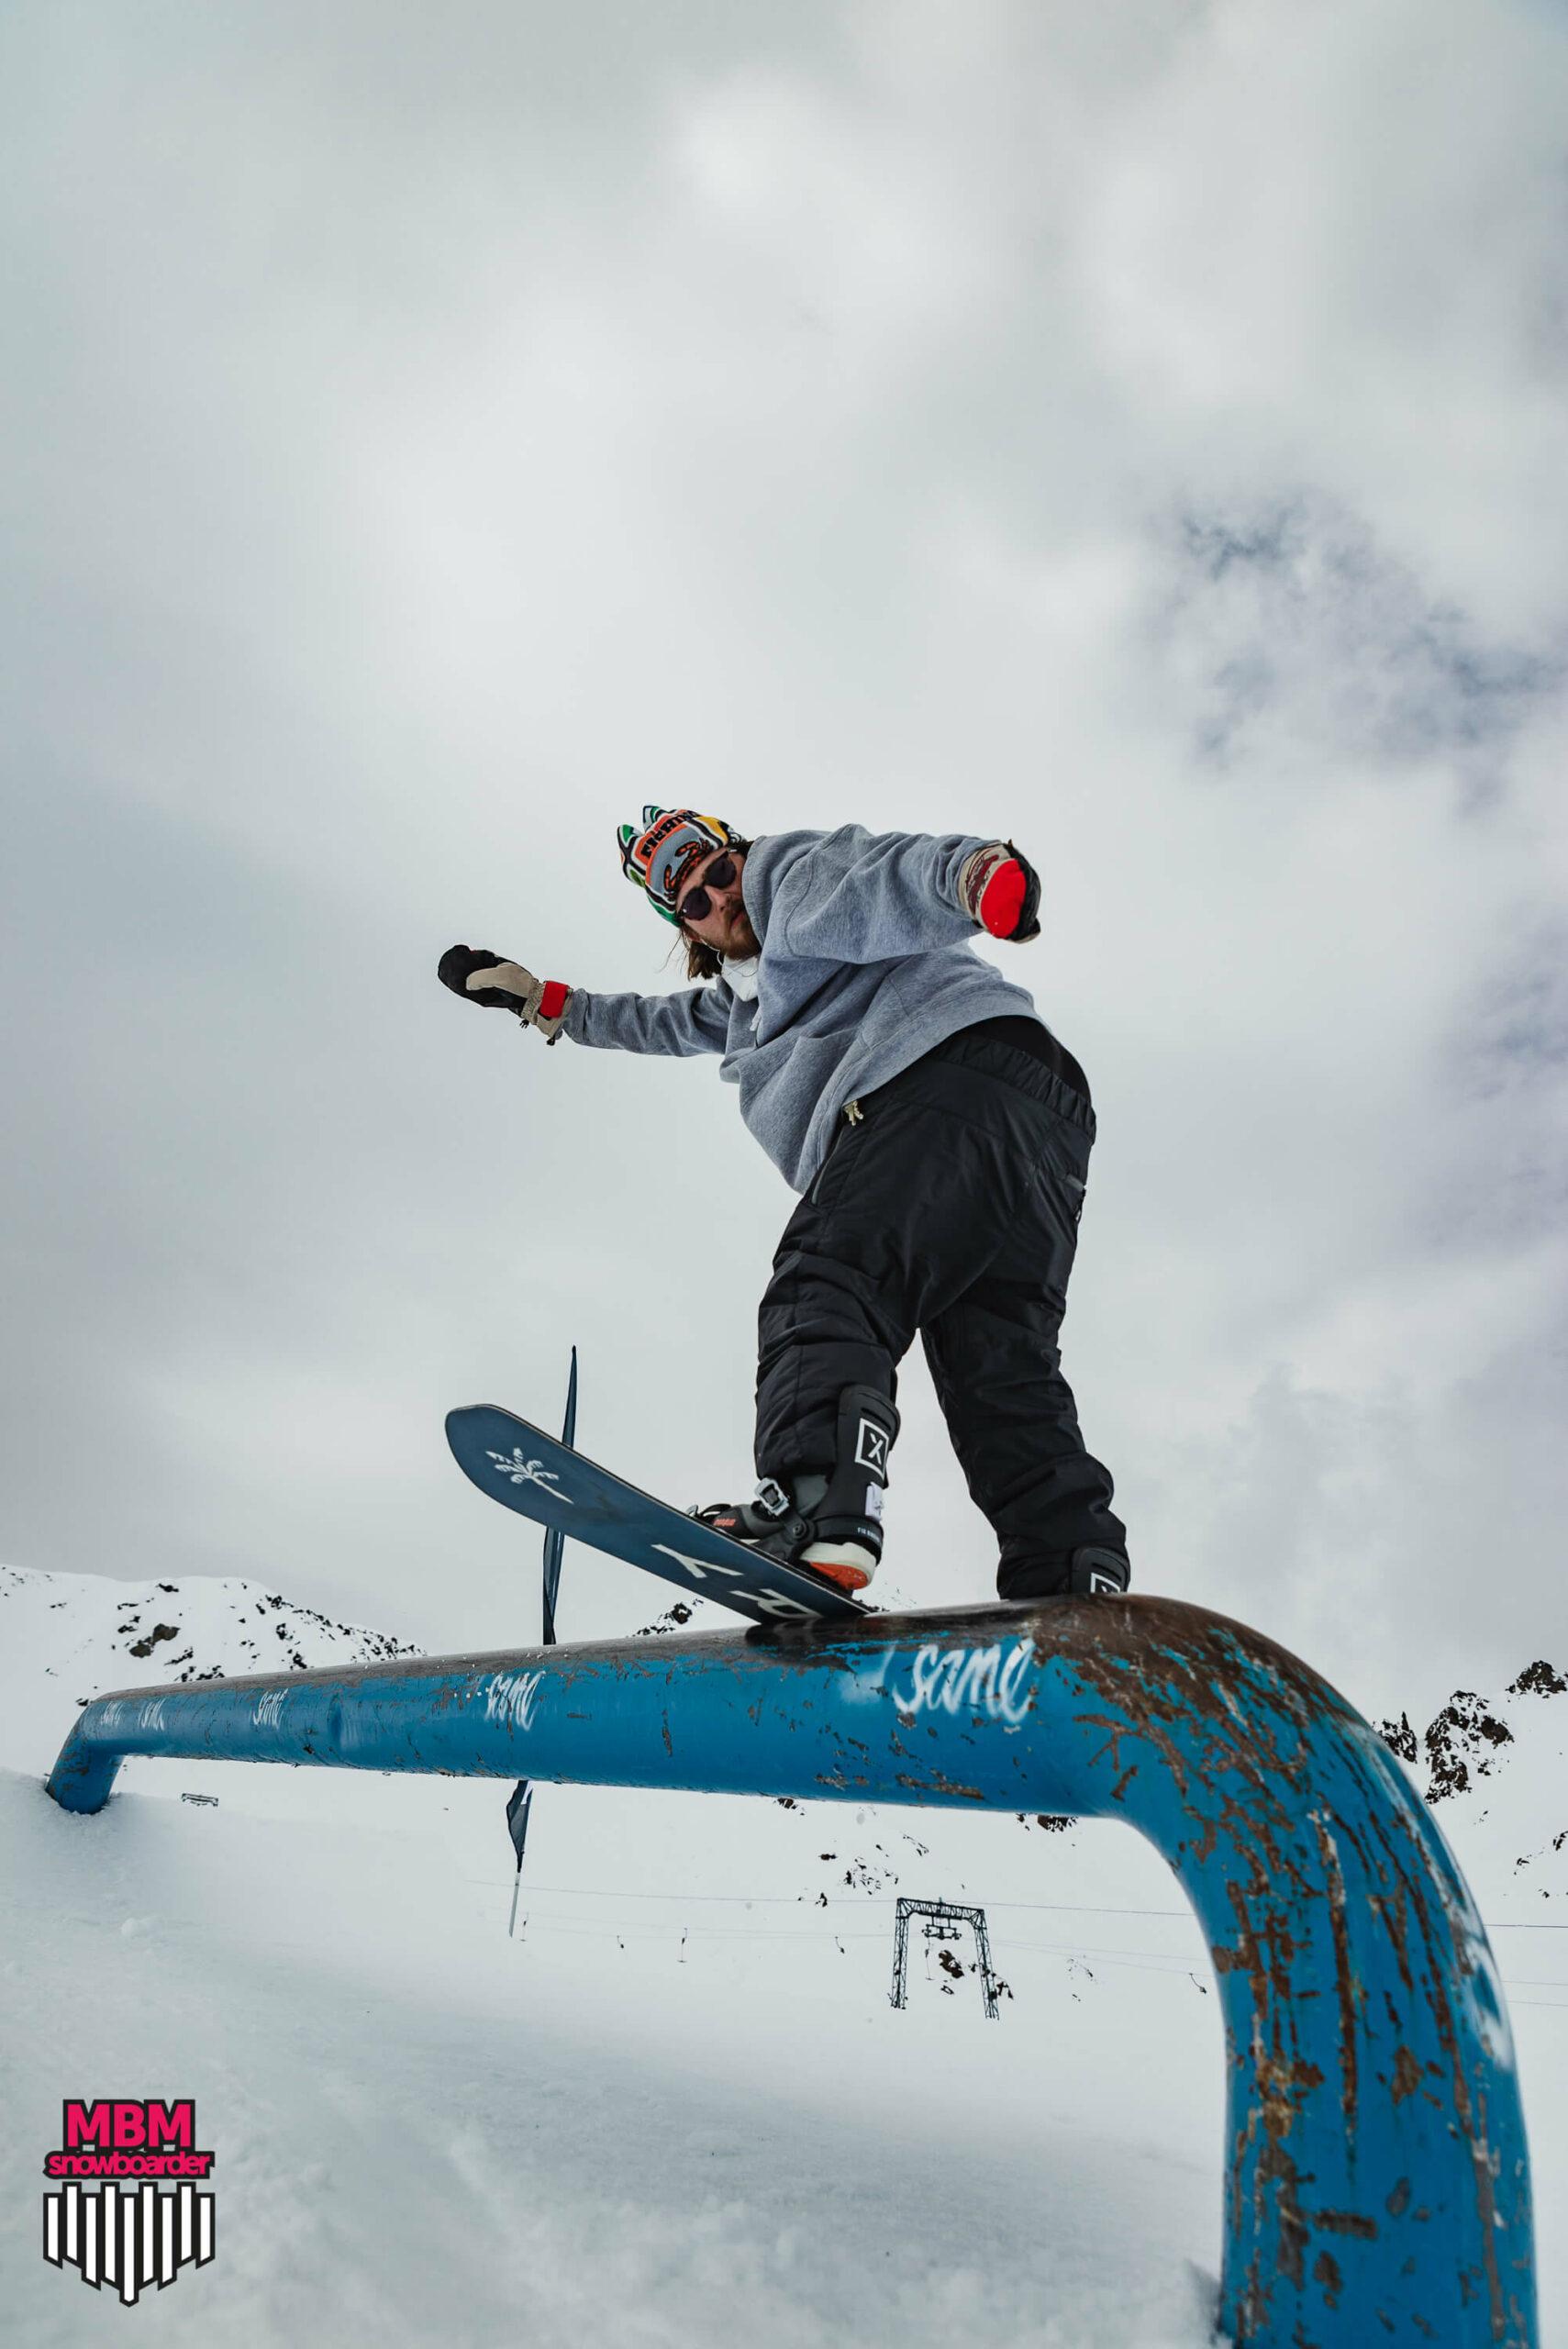 snowboarderMBM_sd_kaunertal_055